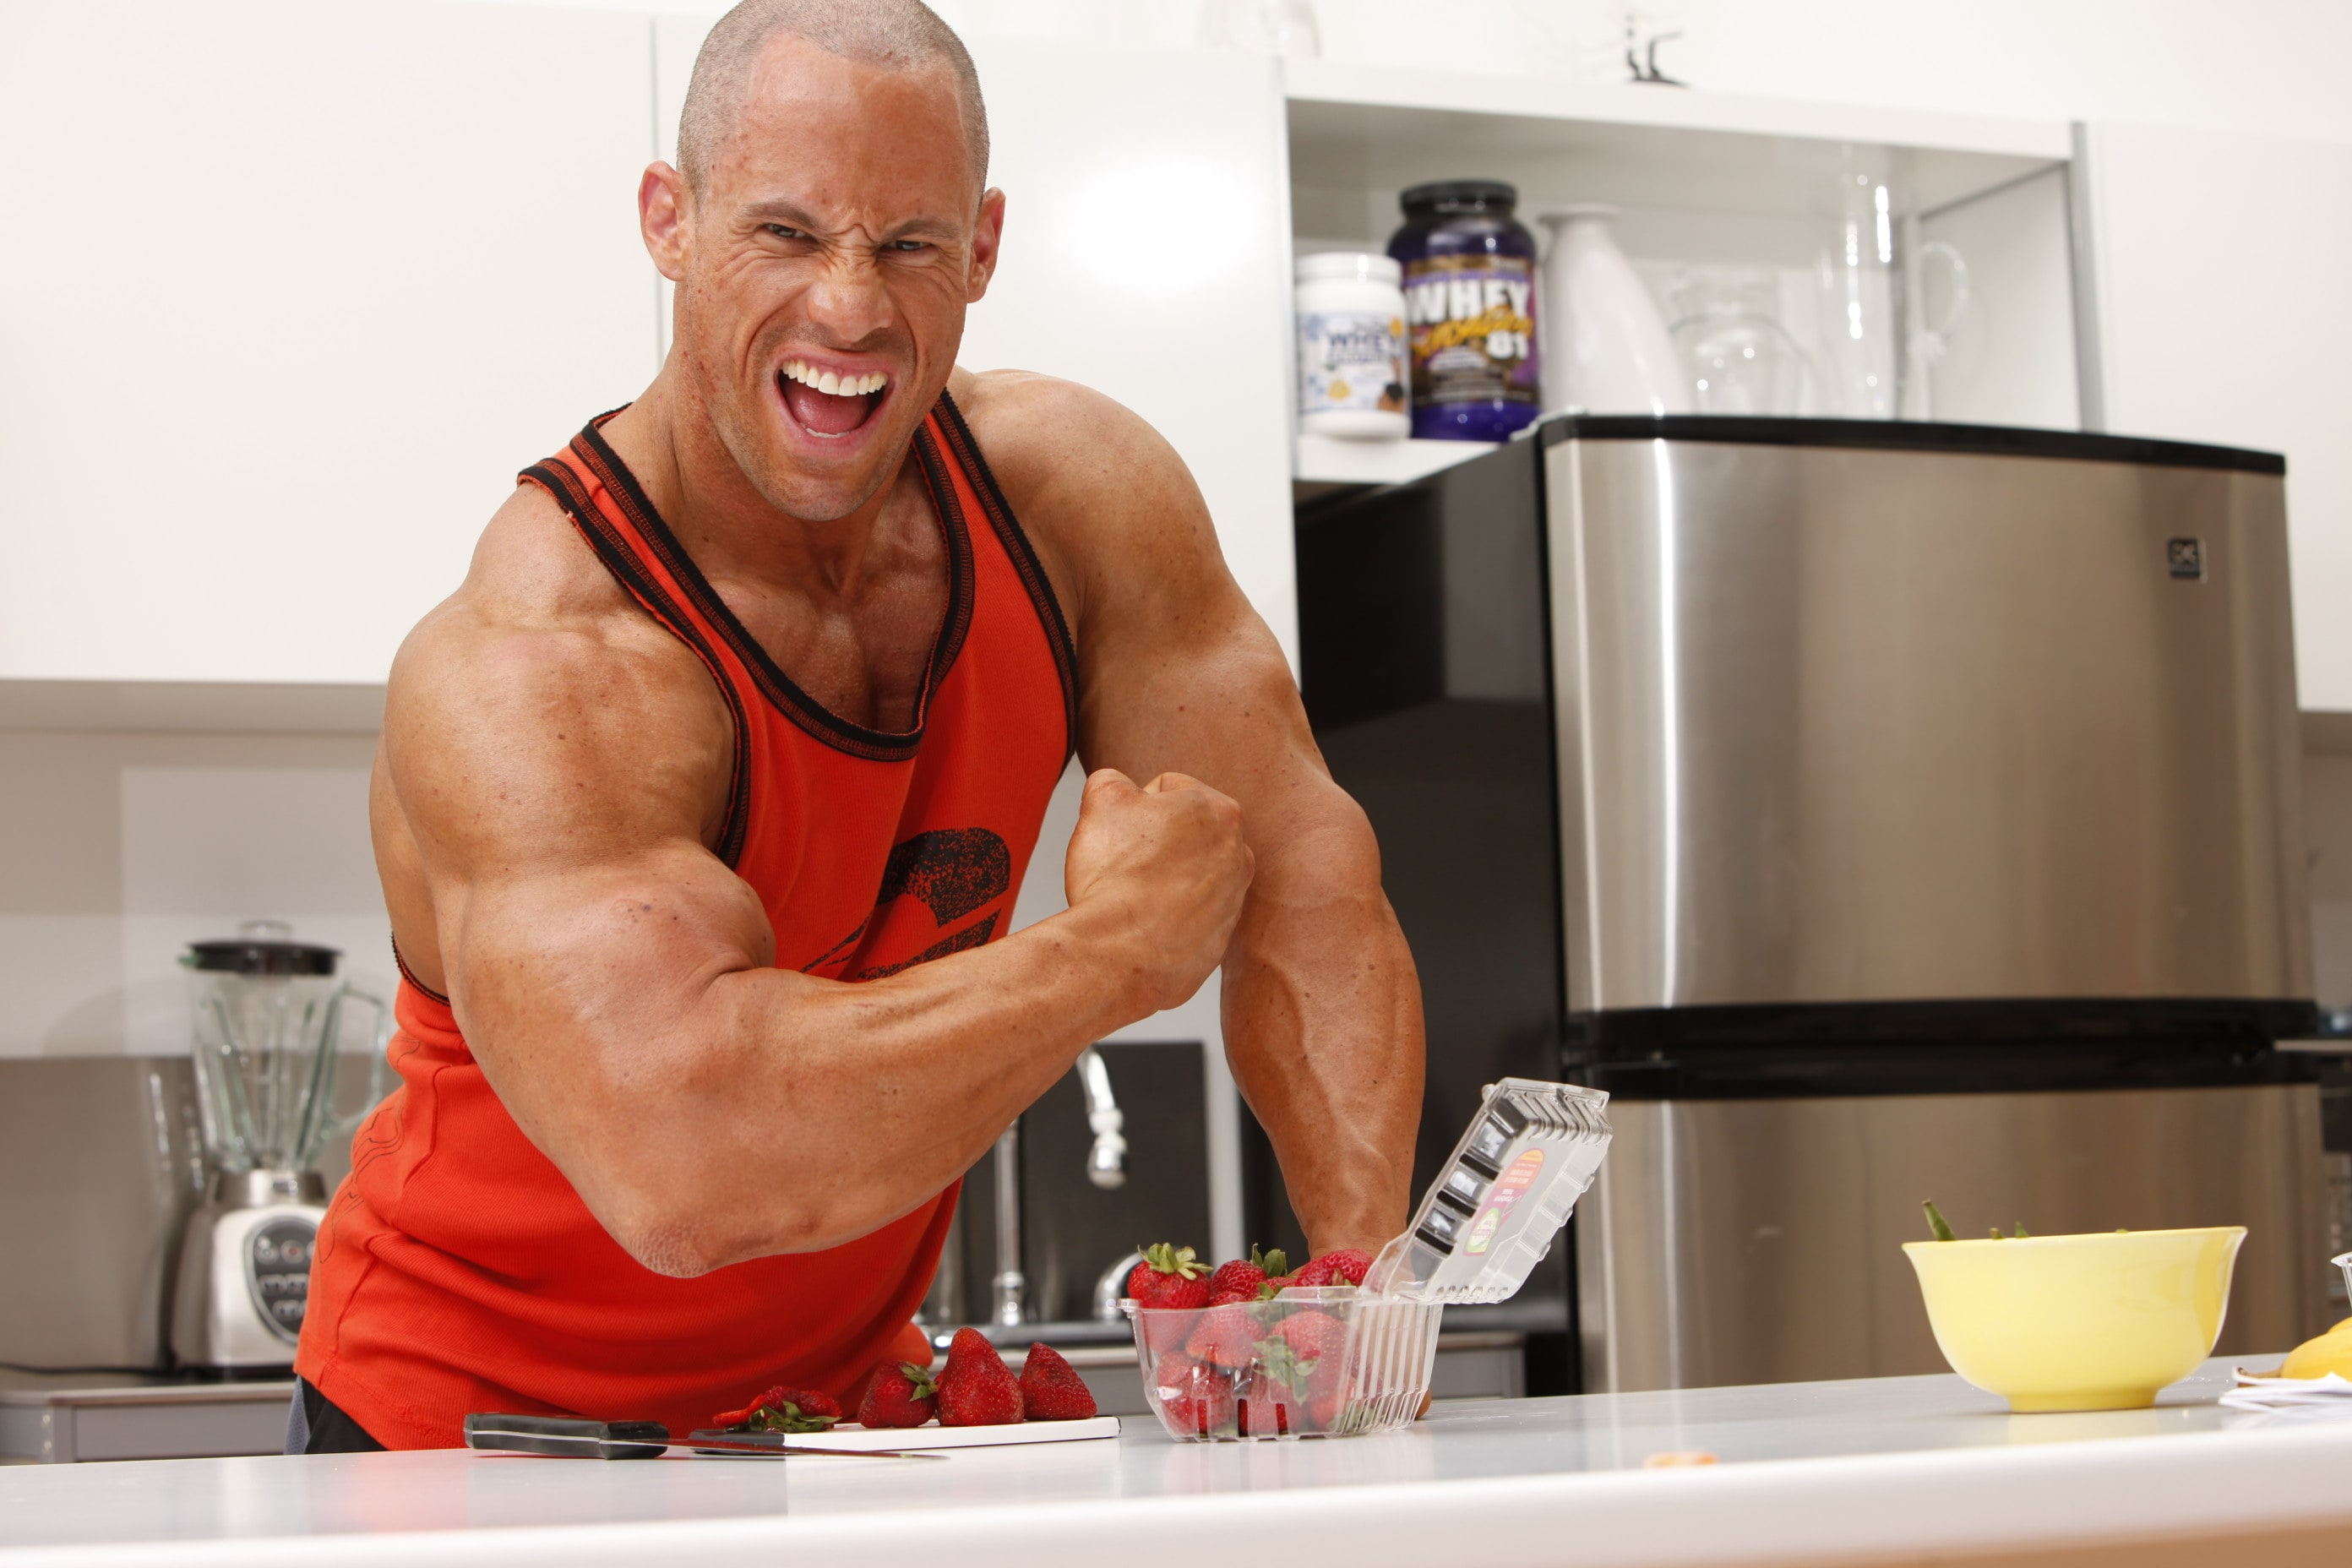 Спортивная Диета Для Роста Мышц. Спортивное питание для набора мышечной массы в домашних условиях